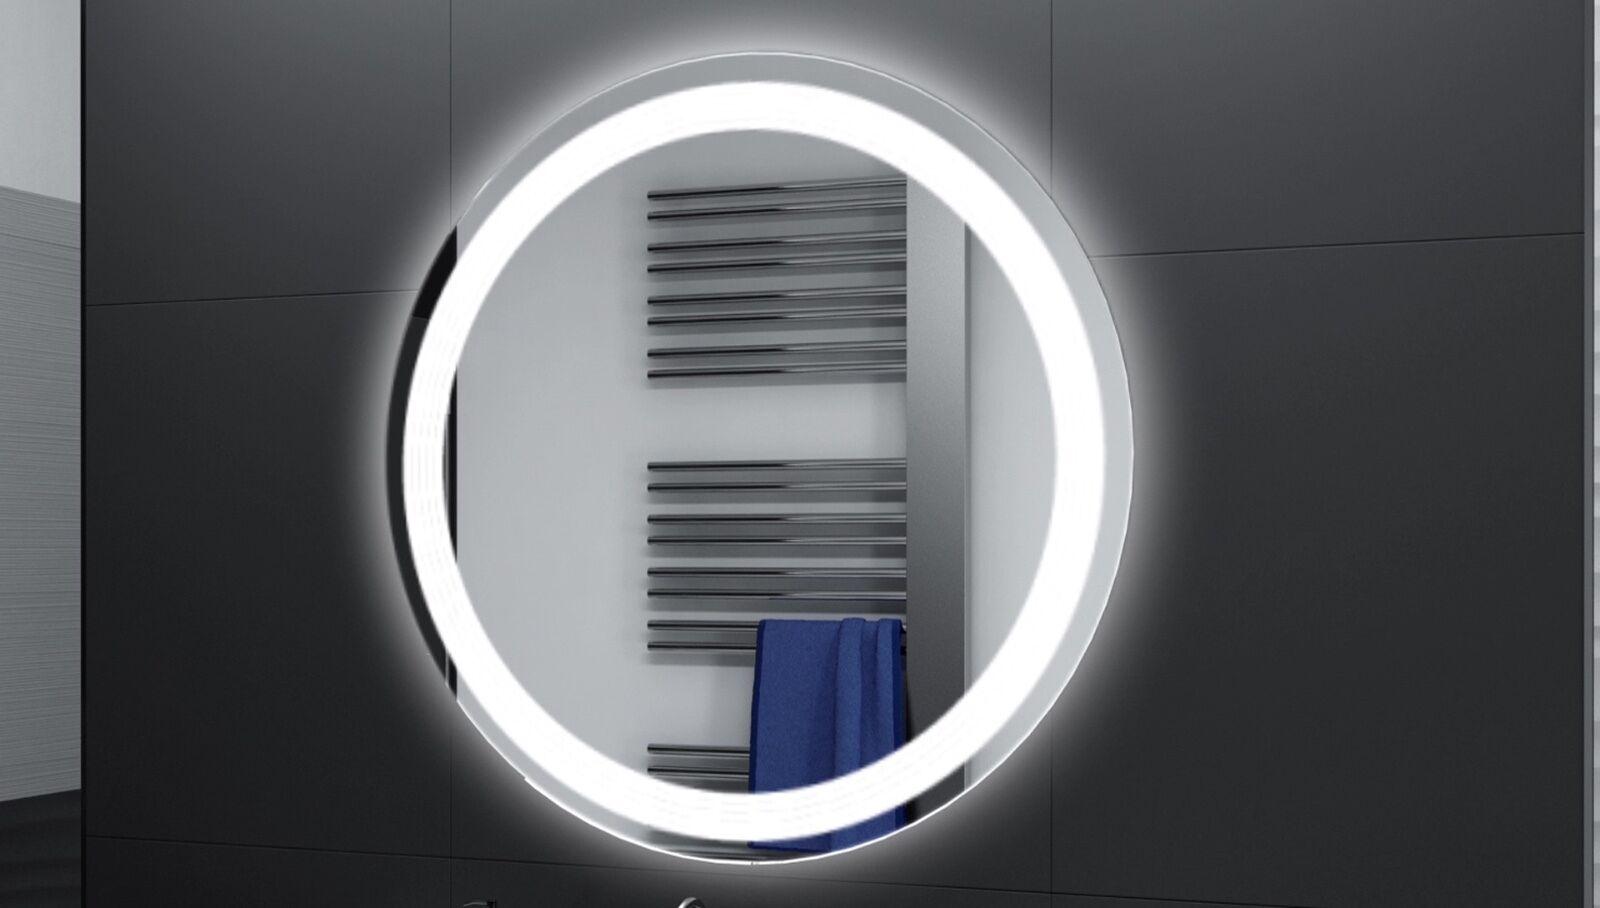 Badspiegel Rund m LED Beleuchtung Badezimmerspiegel Bad Spiegel Wandspiegel DR21